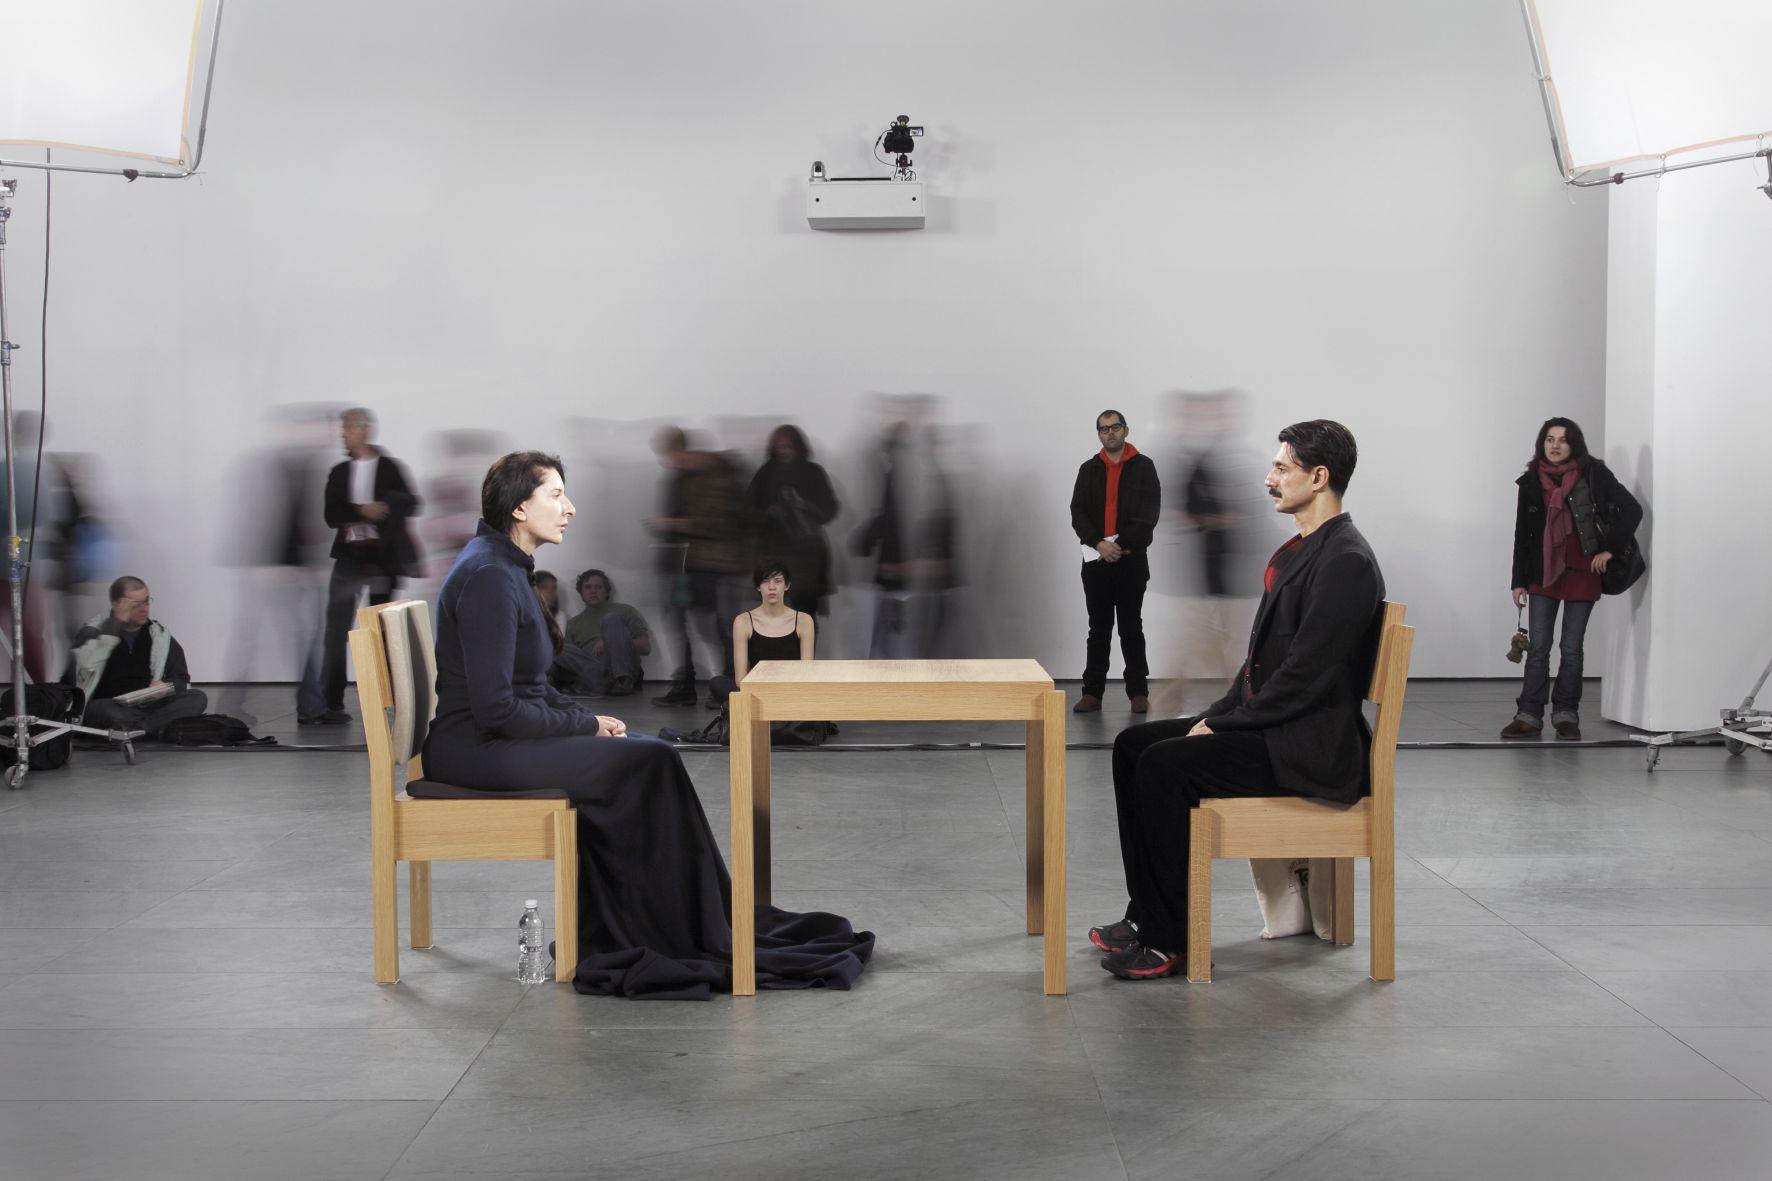 Marina Abramović, The Artist is Present, Performance, Die Künstlerin sitzt den Besuchern gegenüber